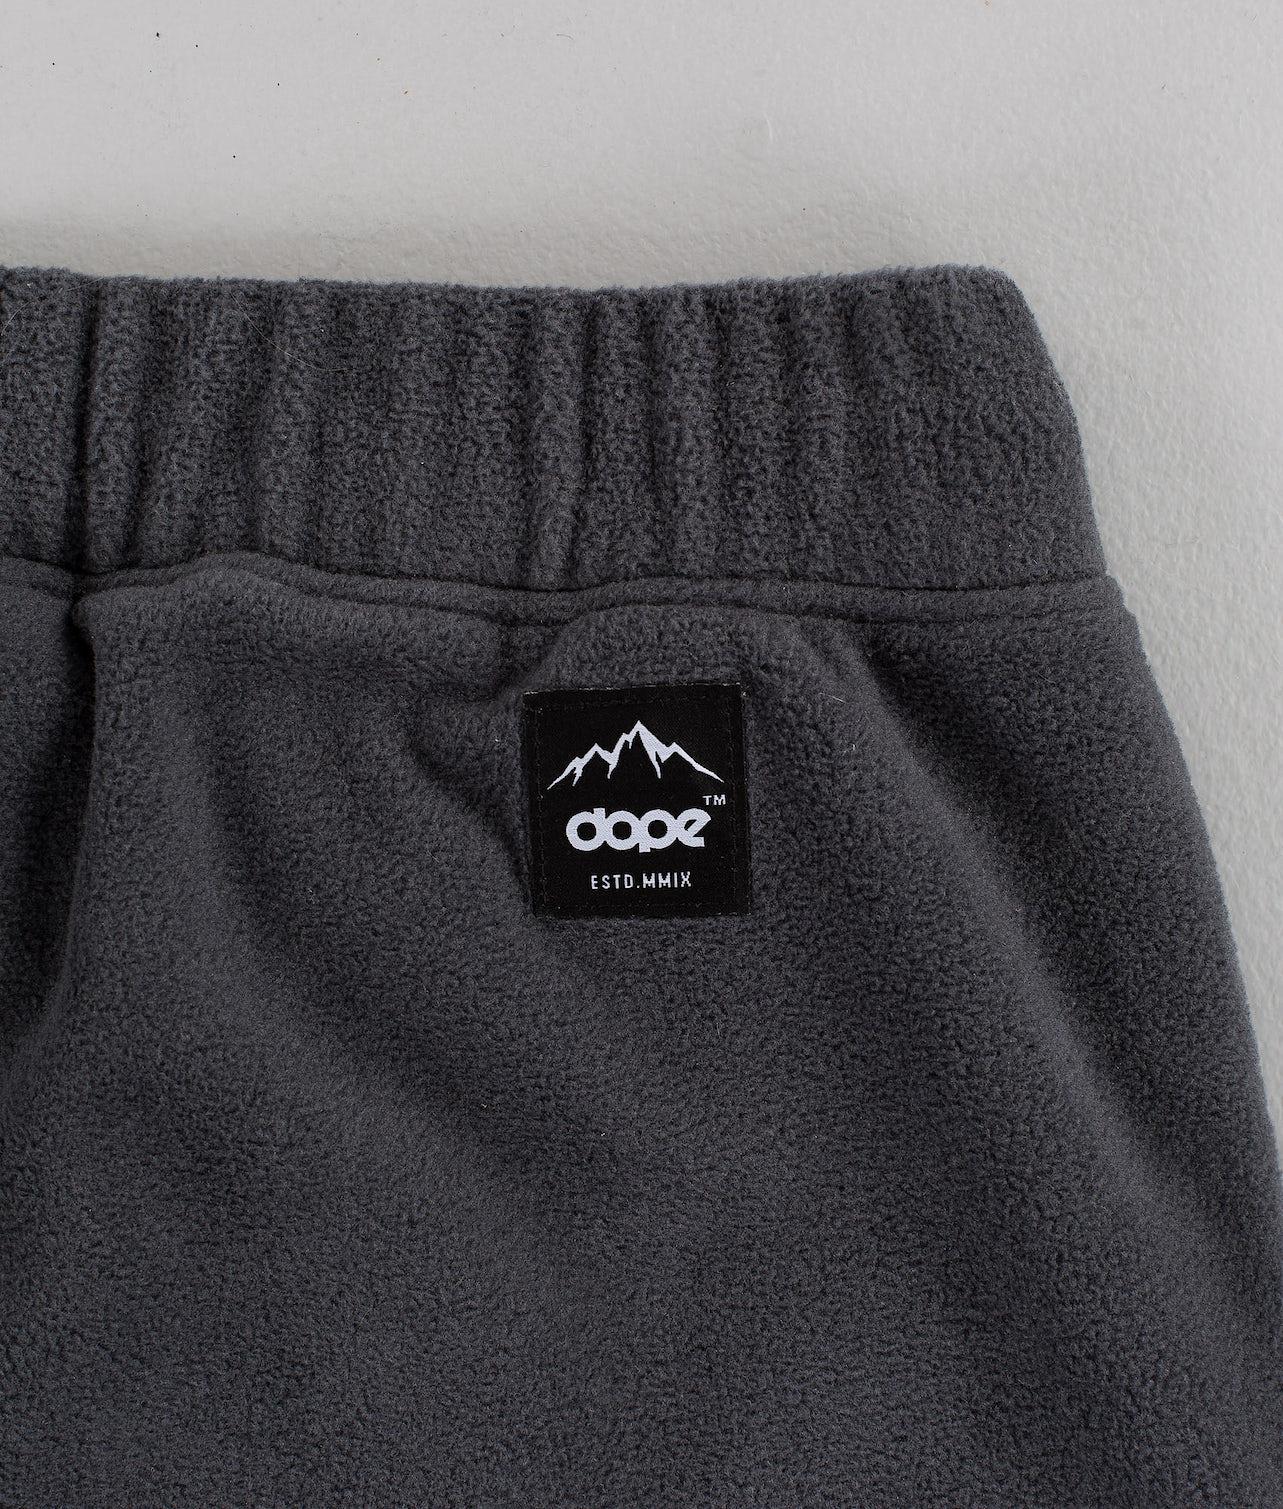 Kjøp Cozy Bukser fra Dope på Ridestore.no - Hos oss har du alltid fri frakt, fri retur og 30 dagers åpent kjøp!